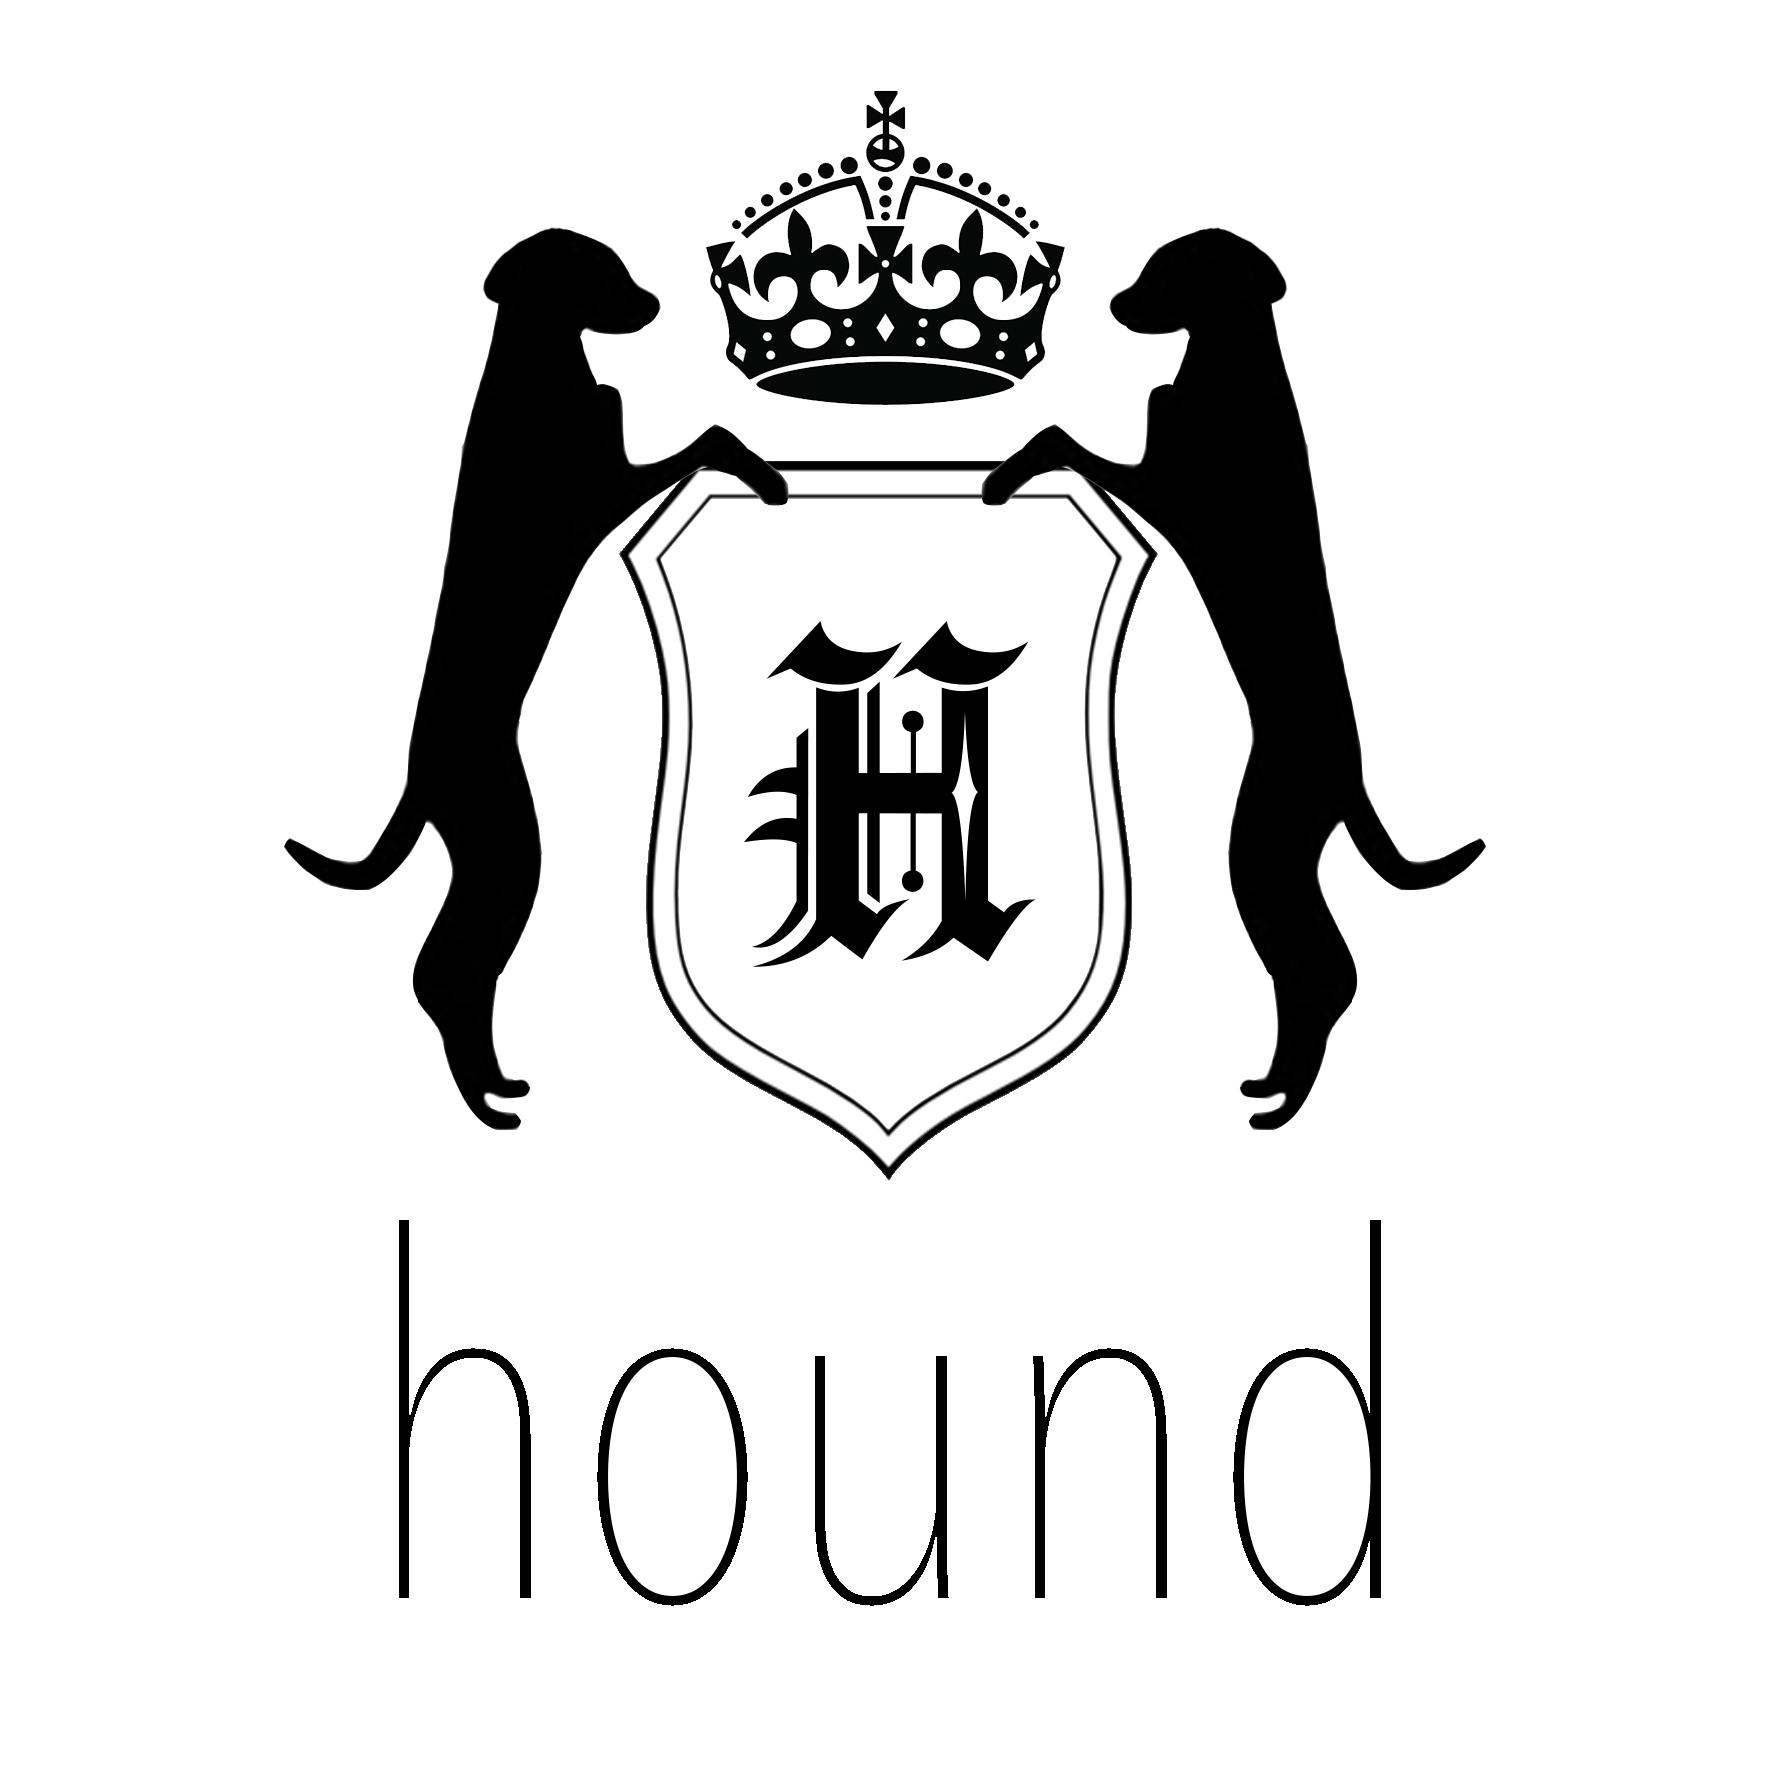 hound.sk